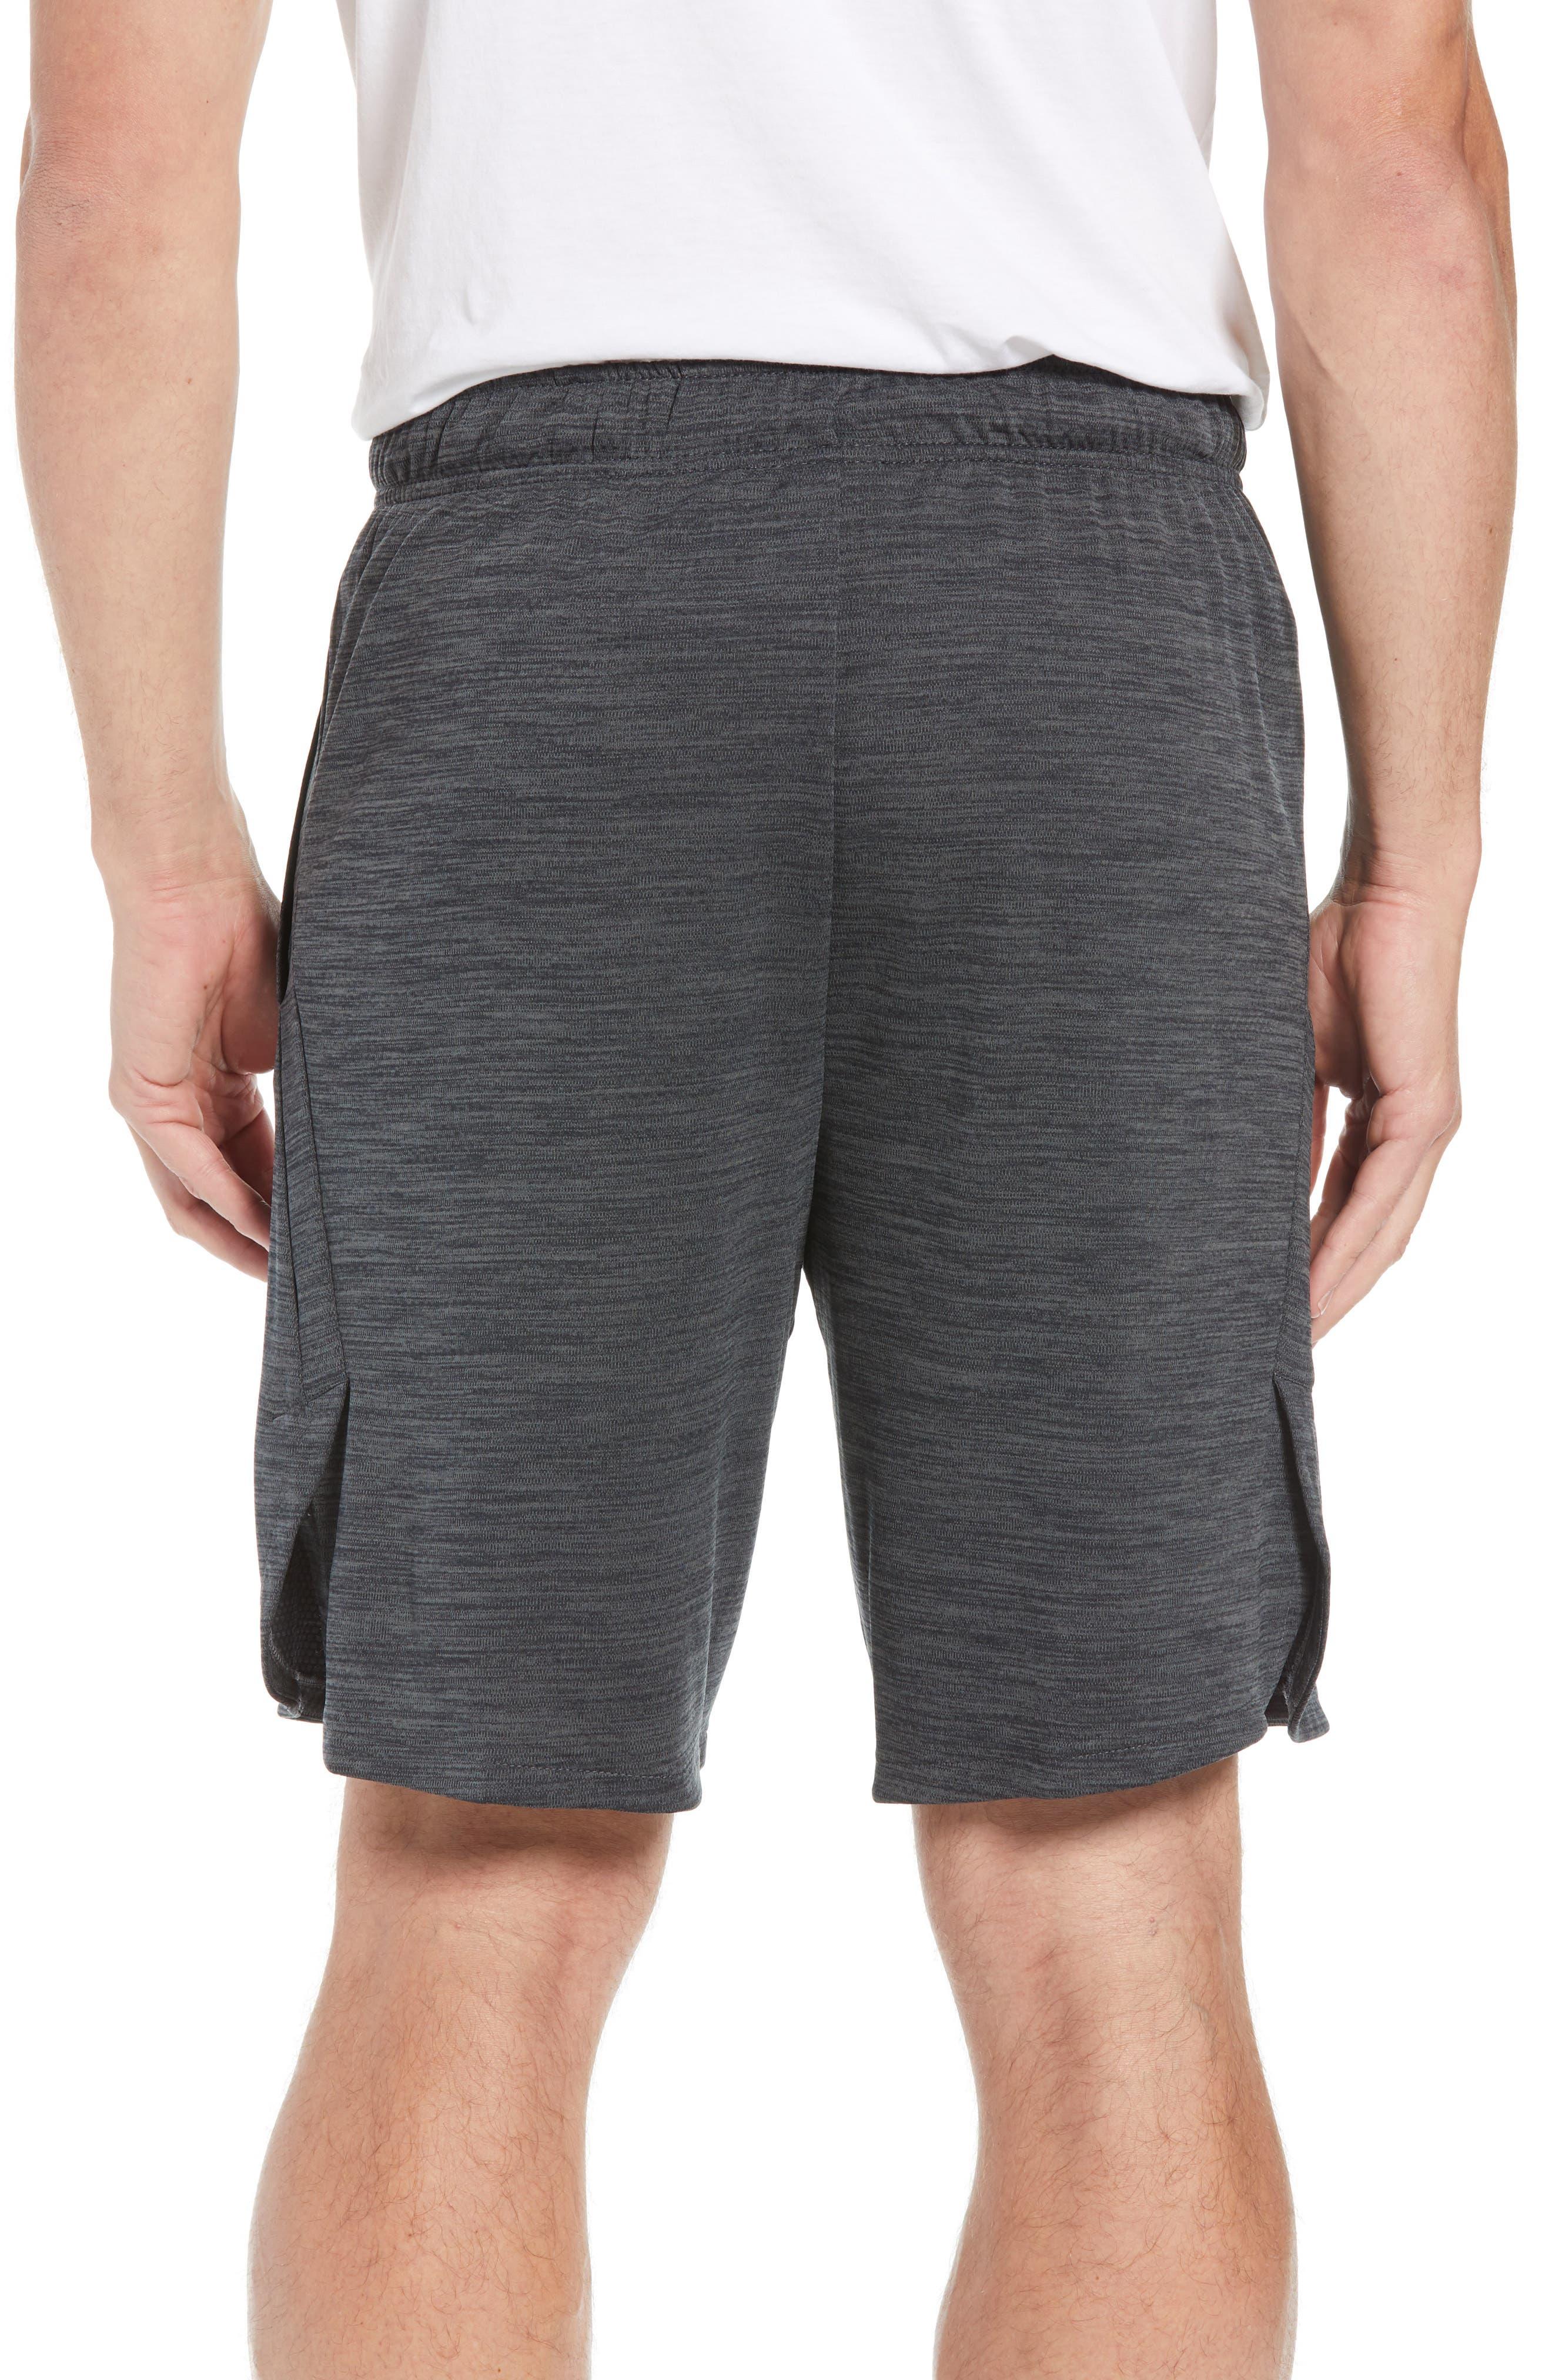 Dry Training Shorts,                             Alternate thumbnail 2, color,                             BLACK